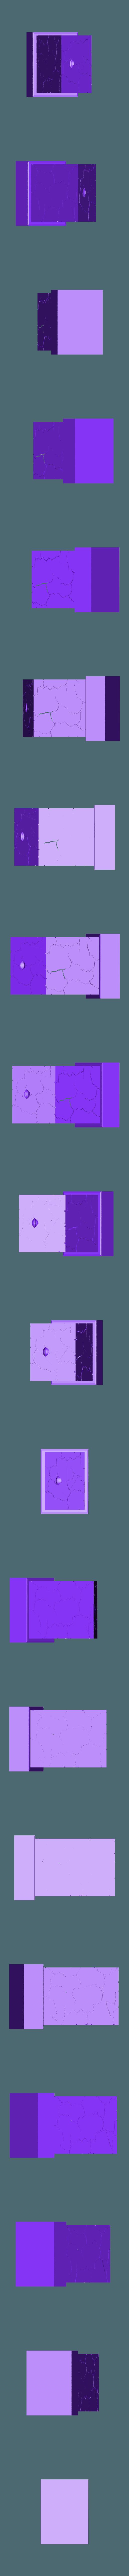 BASE DEL RELOJ.stl Télécharger fichier STL gratuit DALI WATCH • Modèle pour imprimante 3D, Aslan3d